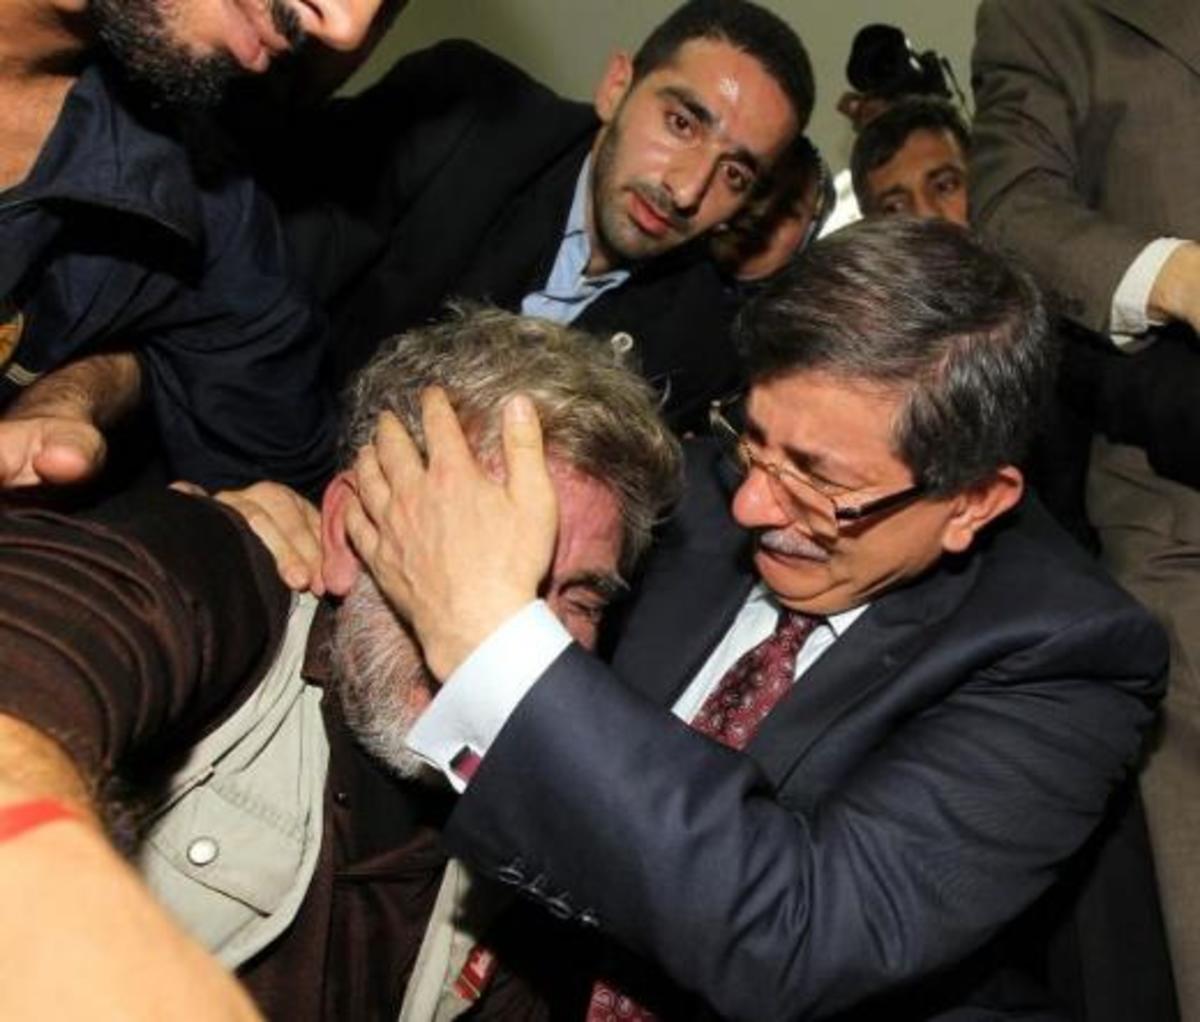 Το κλάμα του τούρκου υπουργού μπροστά στους τραυματίες Παλαιστινίους | Newsit.gr